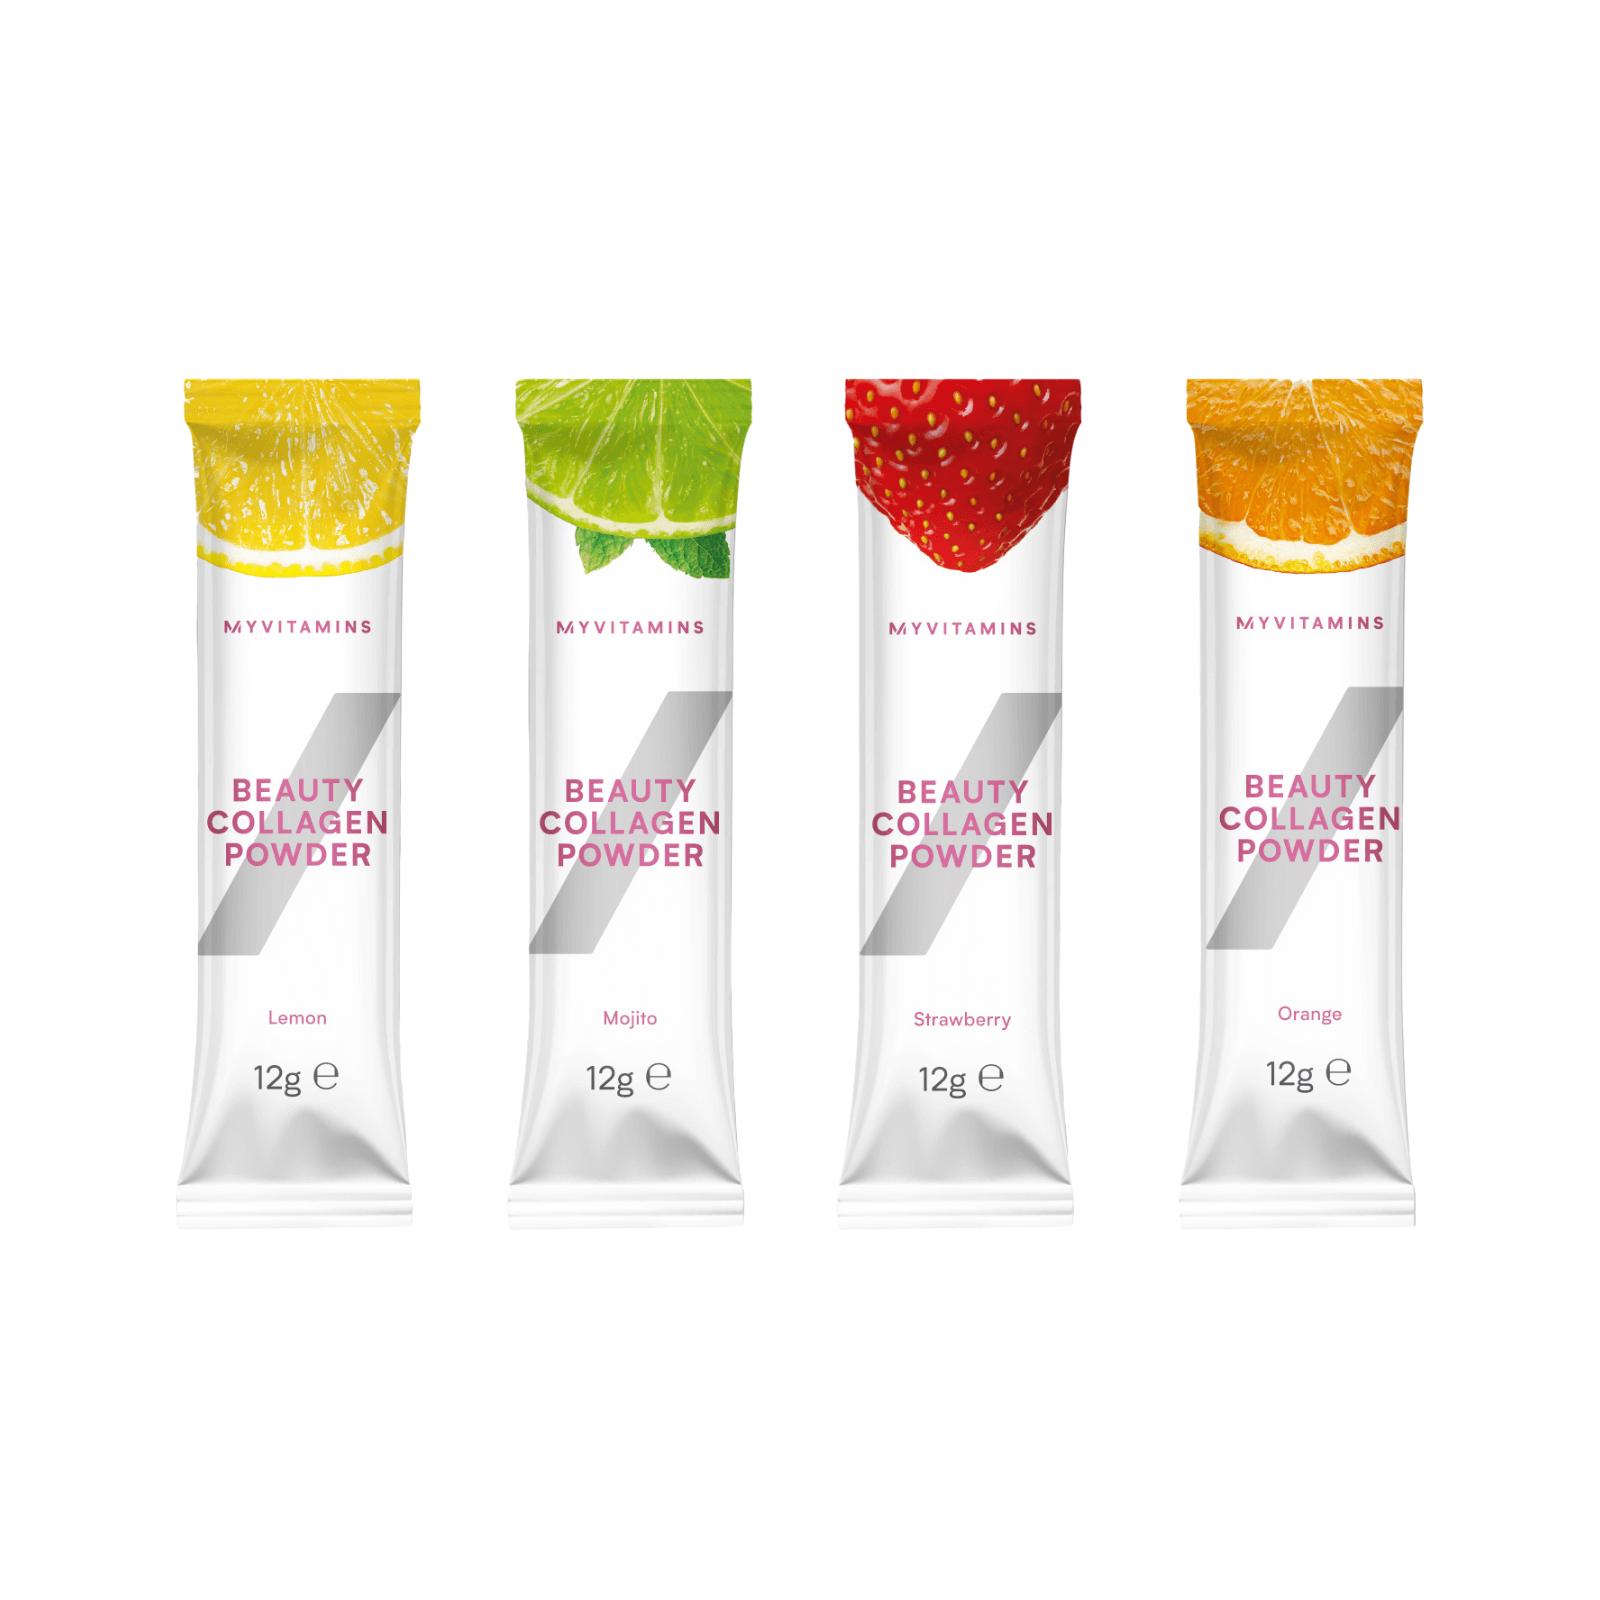 Beauty Collagen Powder Stick Pack (Sample) - 12g - Lemon